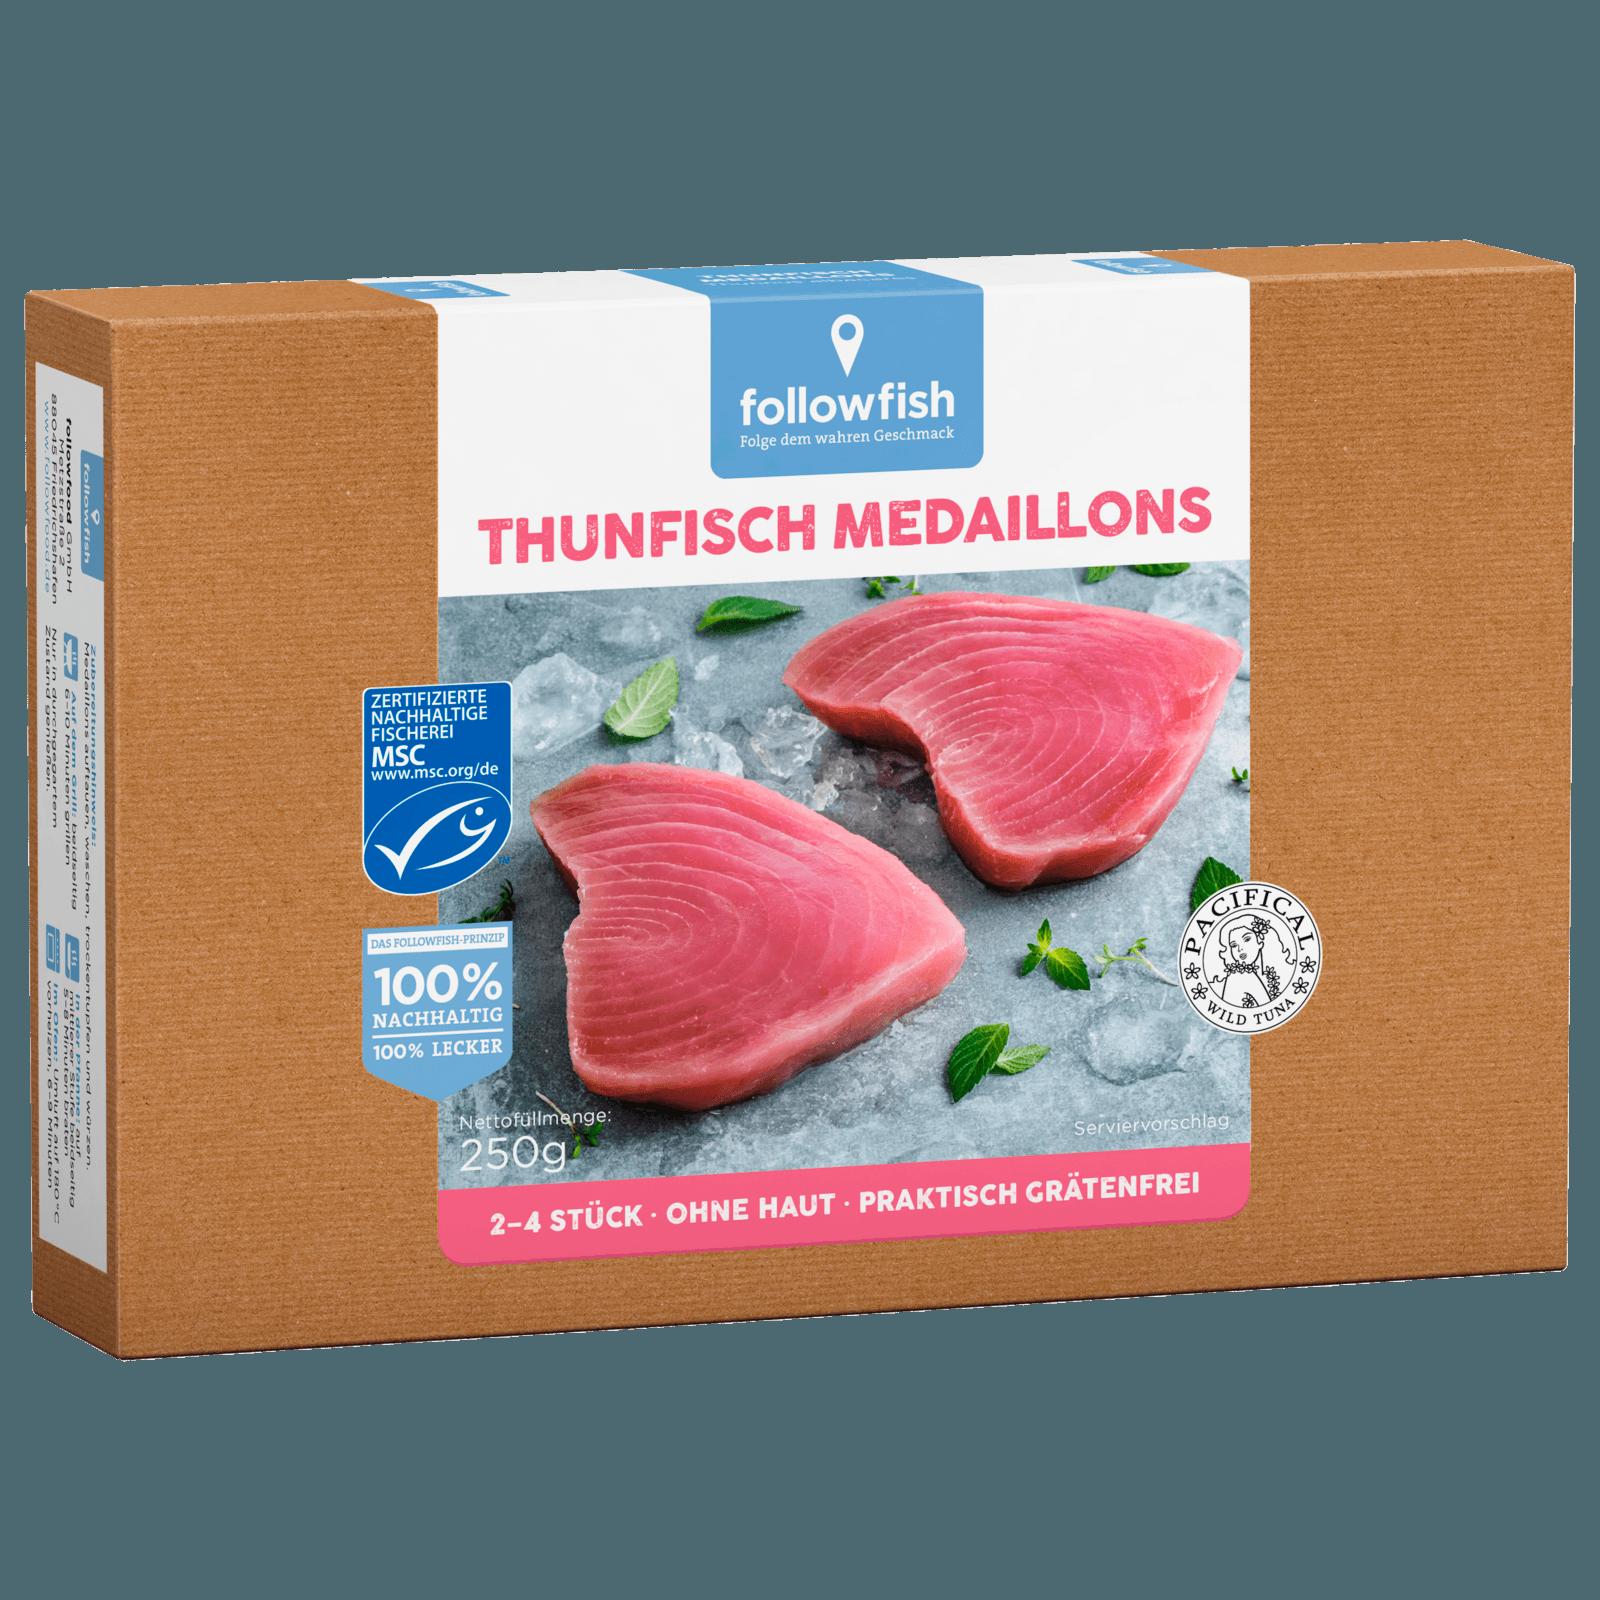 Followfish Thunfisch Medaillons MSC 250g